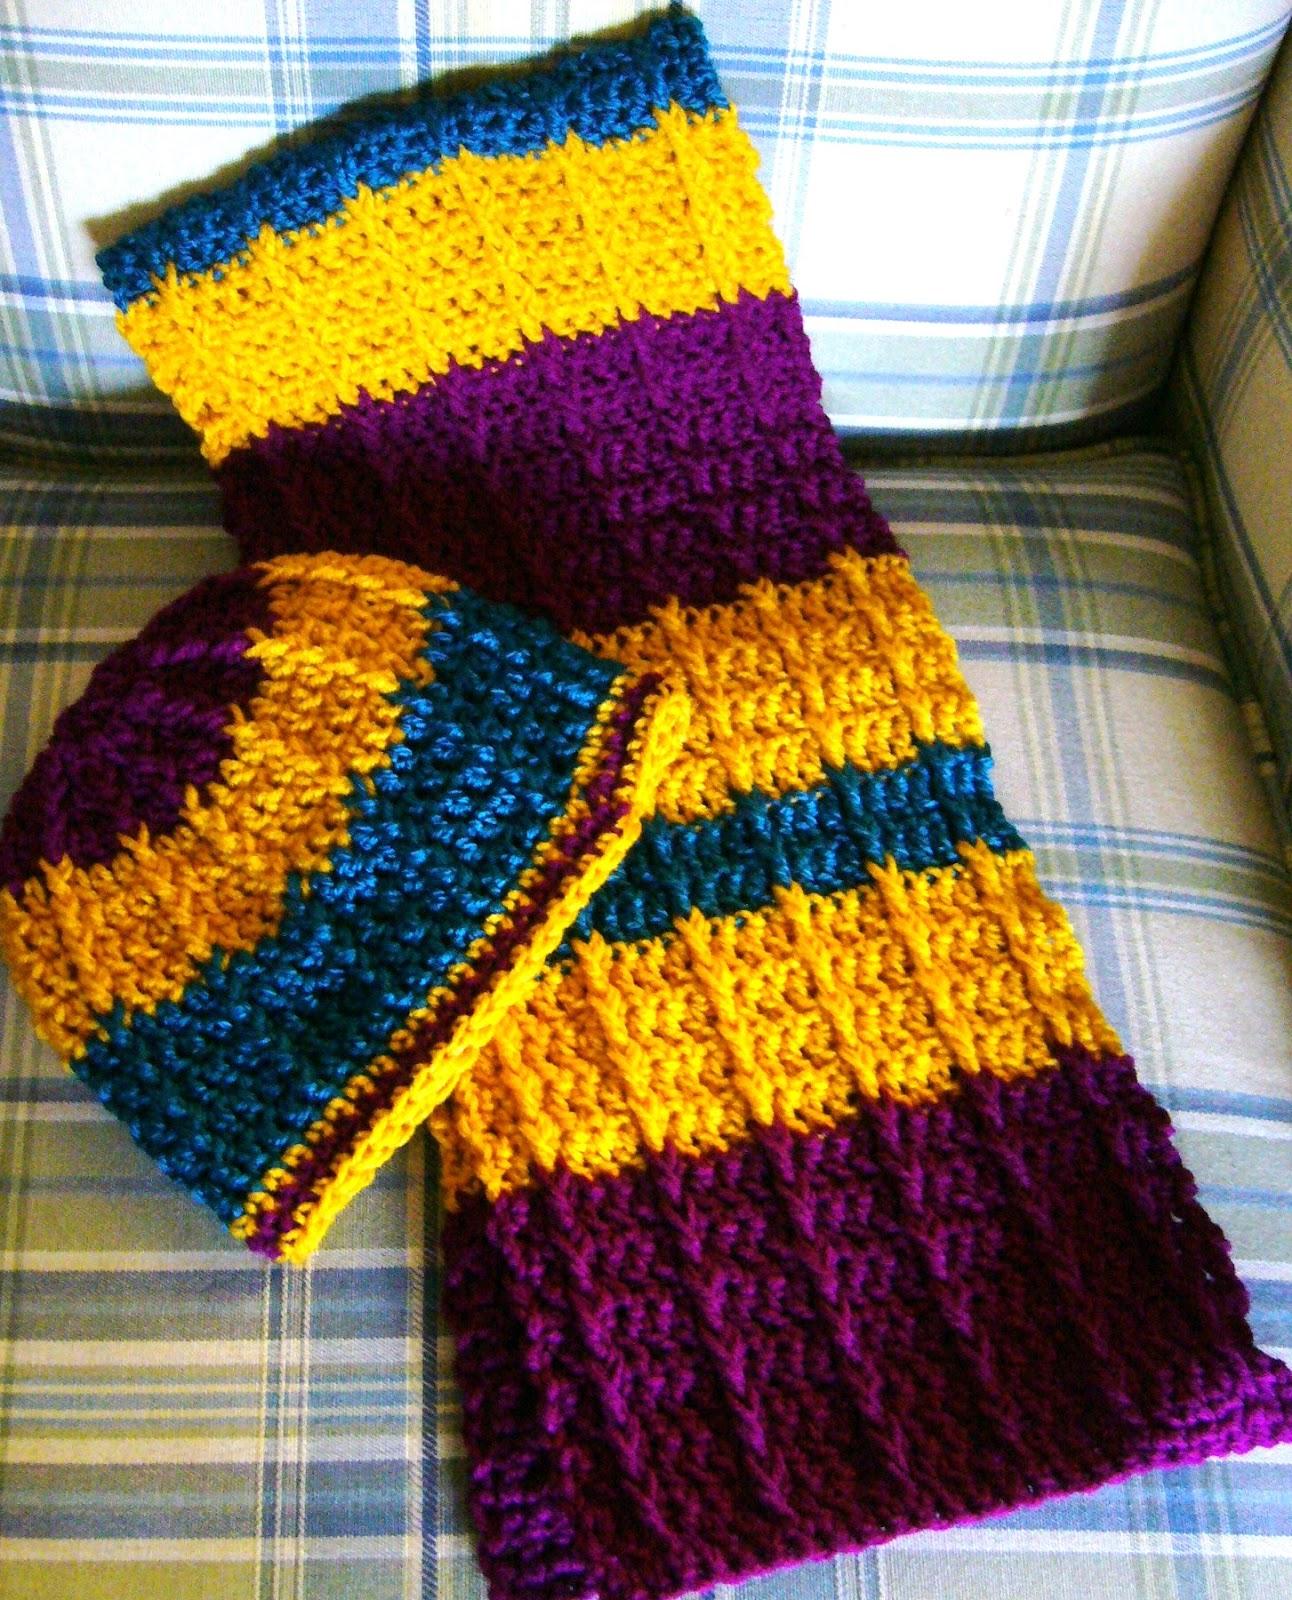 Simply Shoeboxes: Double Crochet Front Post Crochet Scarf For Occ - Free Printable Crochet Scarf Patterns